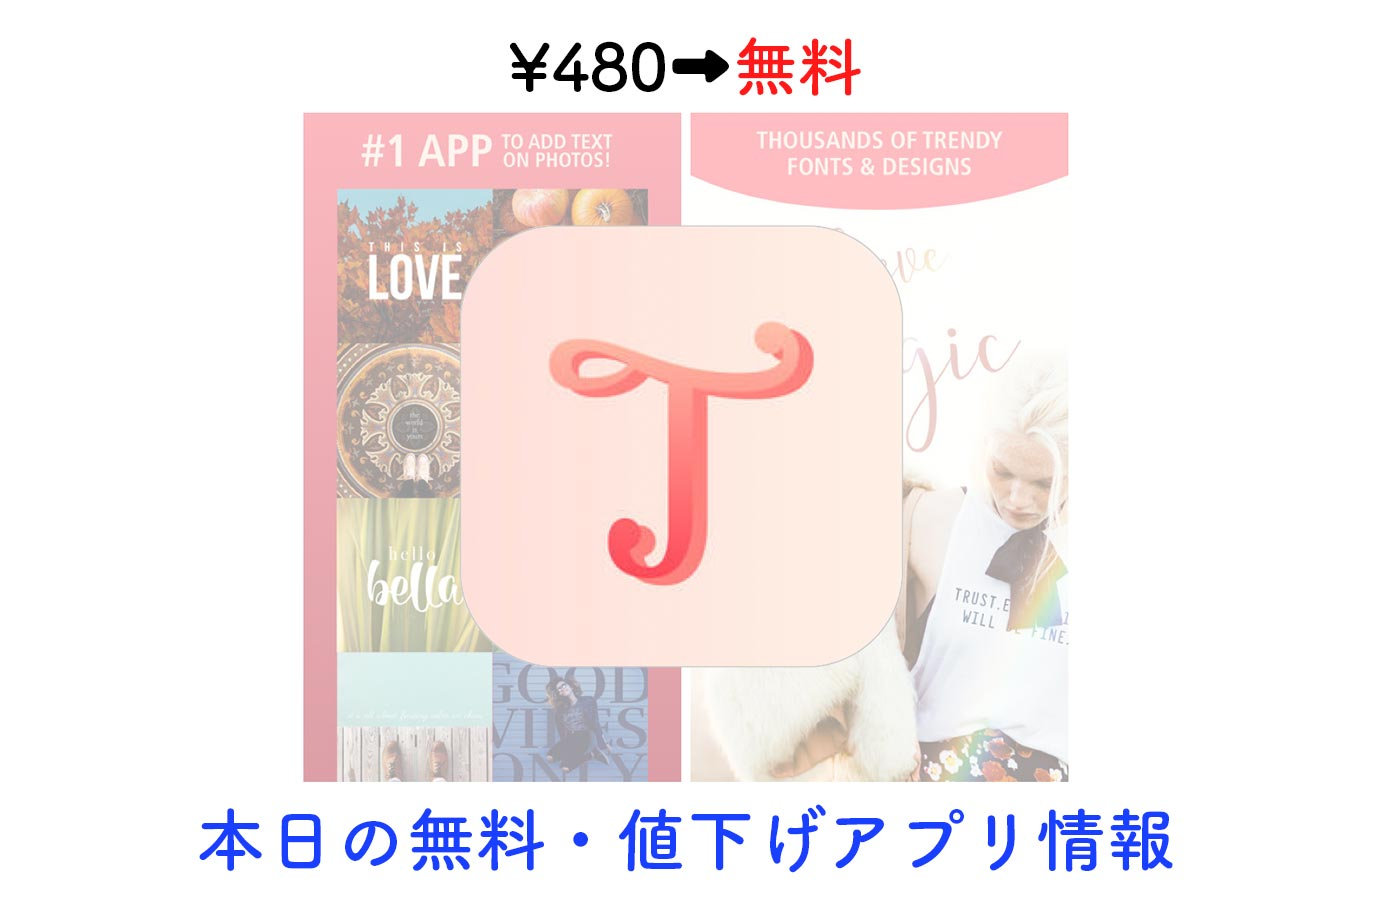 ¥480→無料、オシャレな文字を写真に追加できるアプリ「Typic」など【11/23】本日の無料・値下げアプリ情報